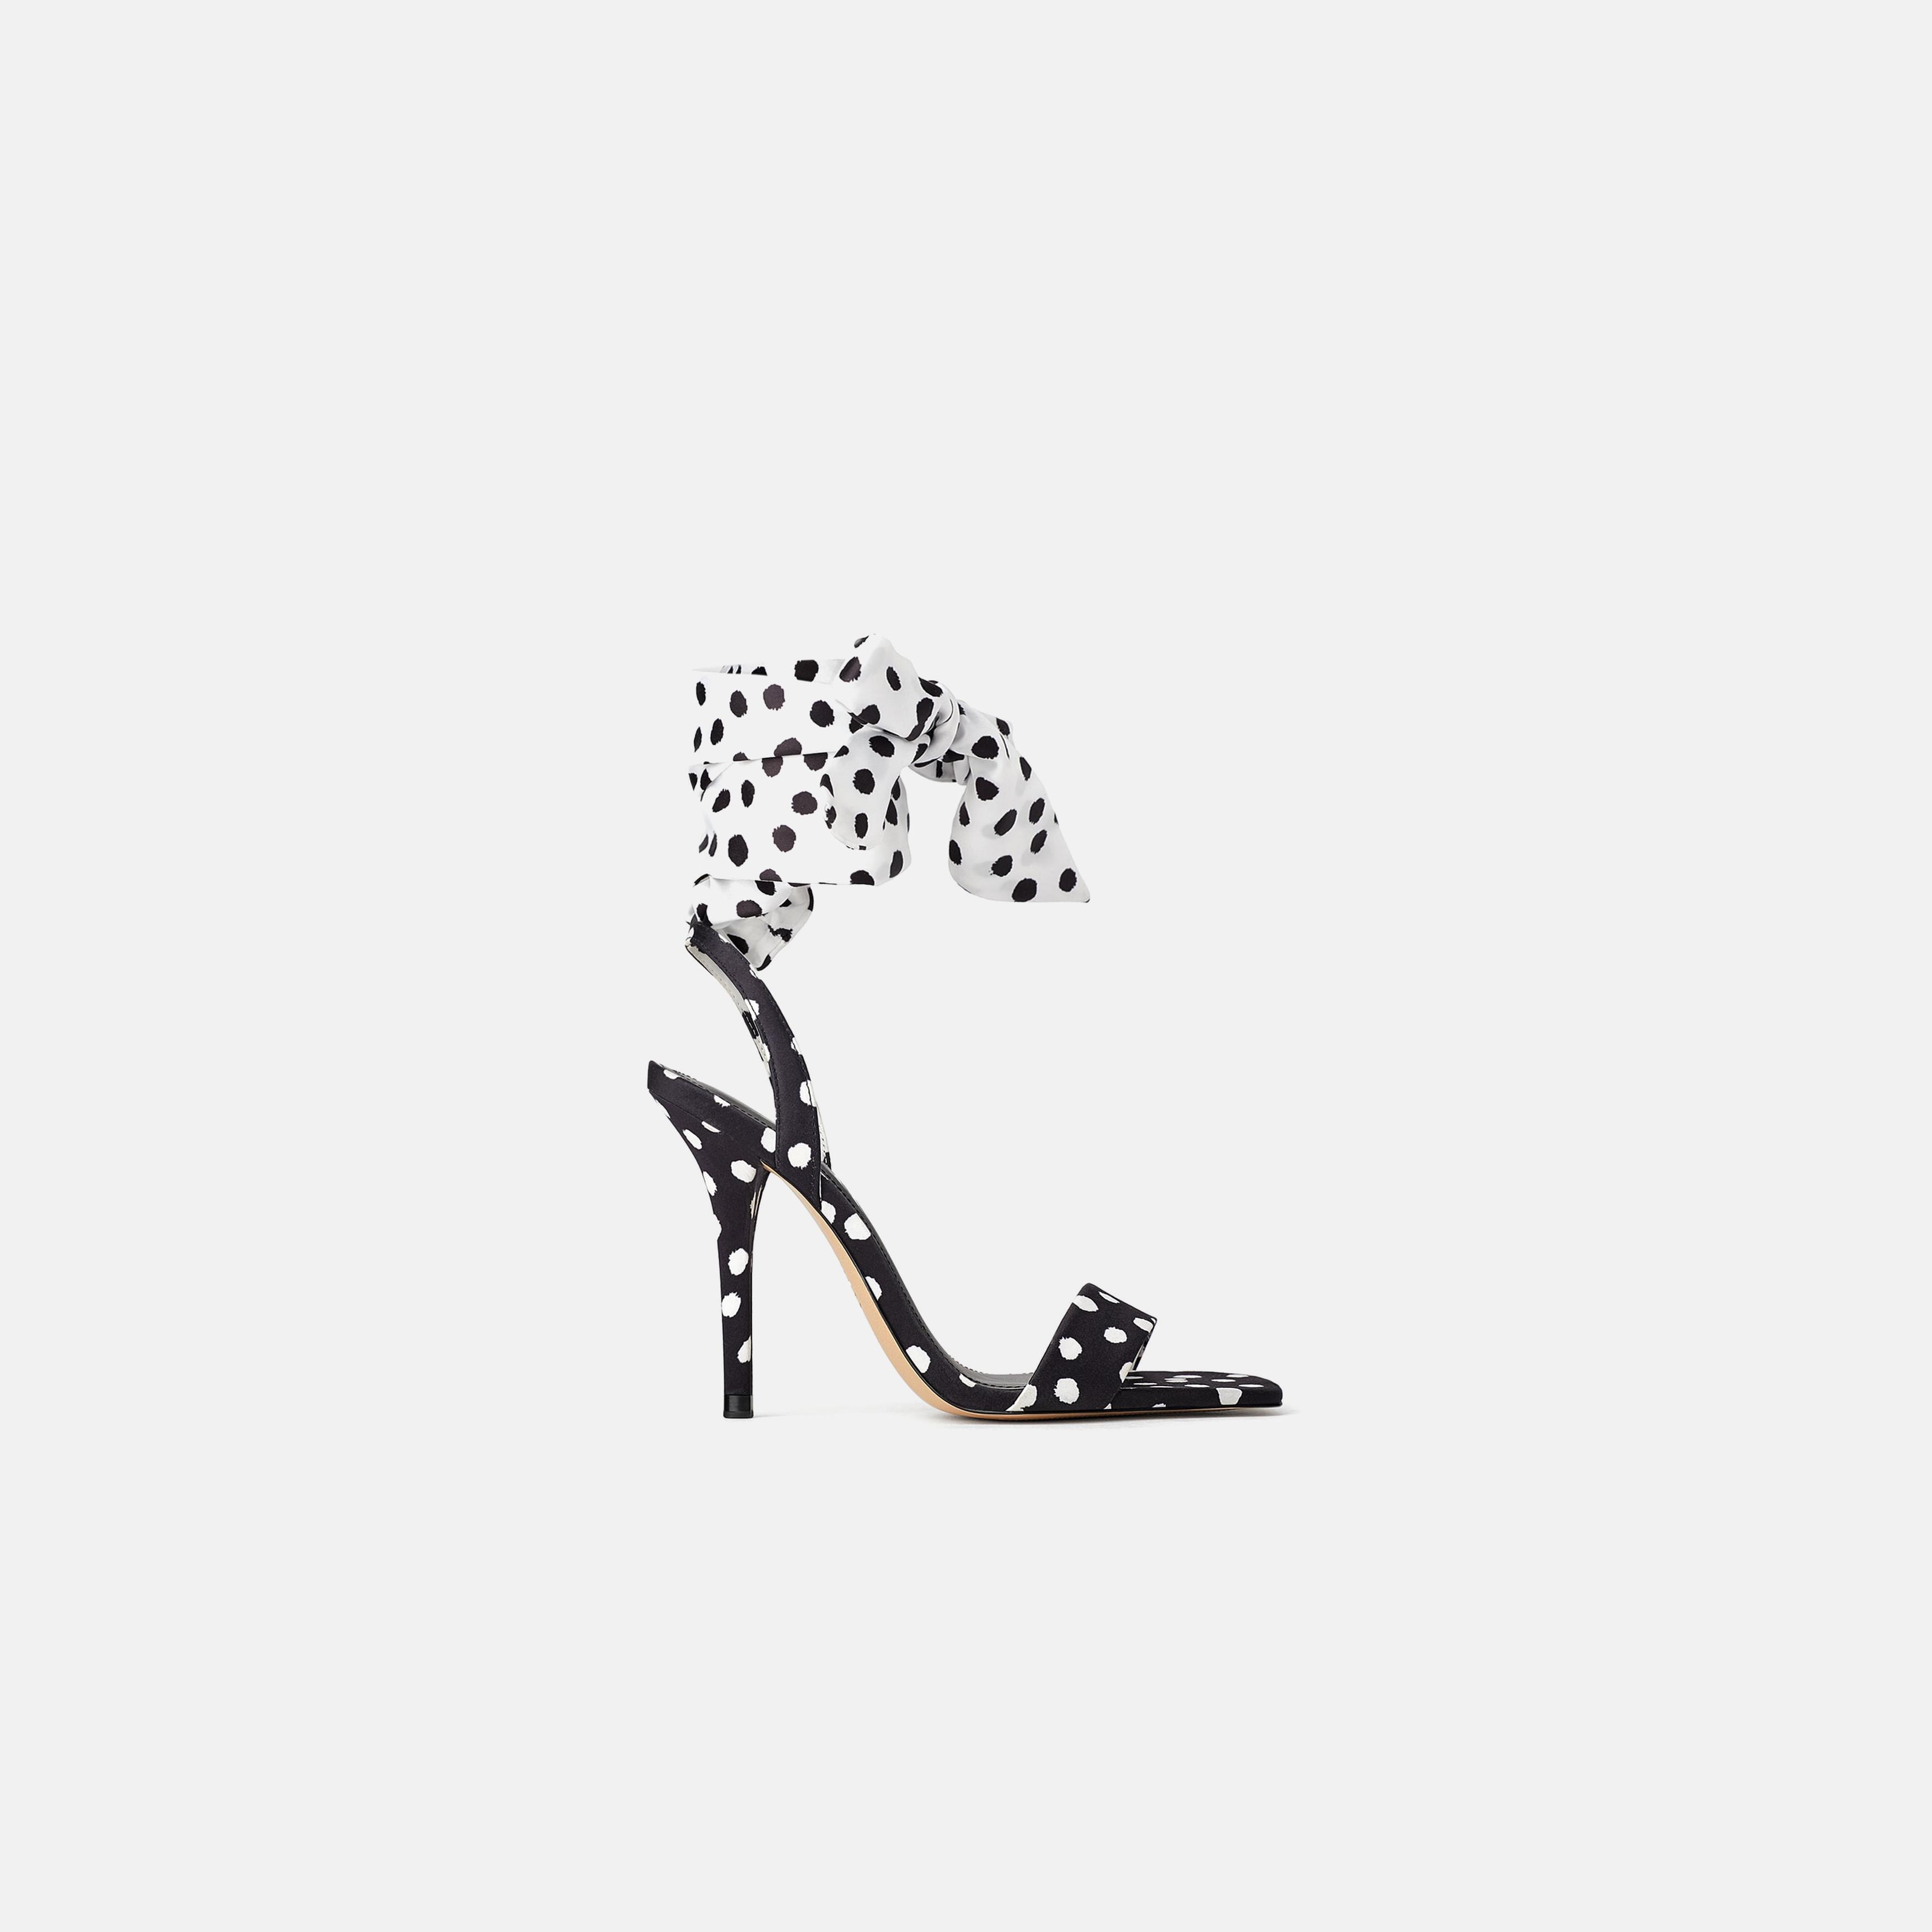 Sandales Mode À Pois La Zara Grande mwN8nv0O